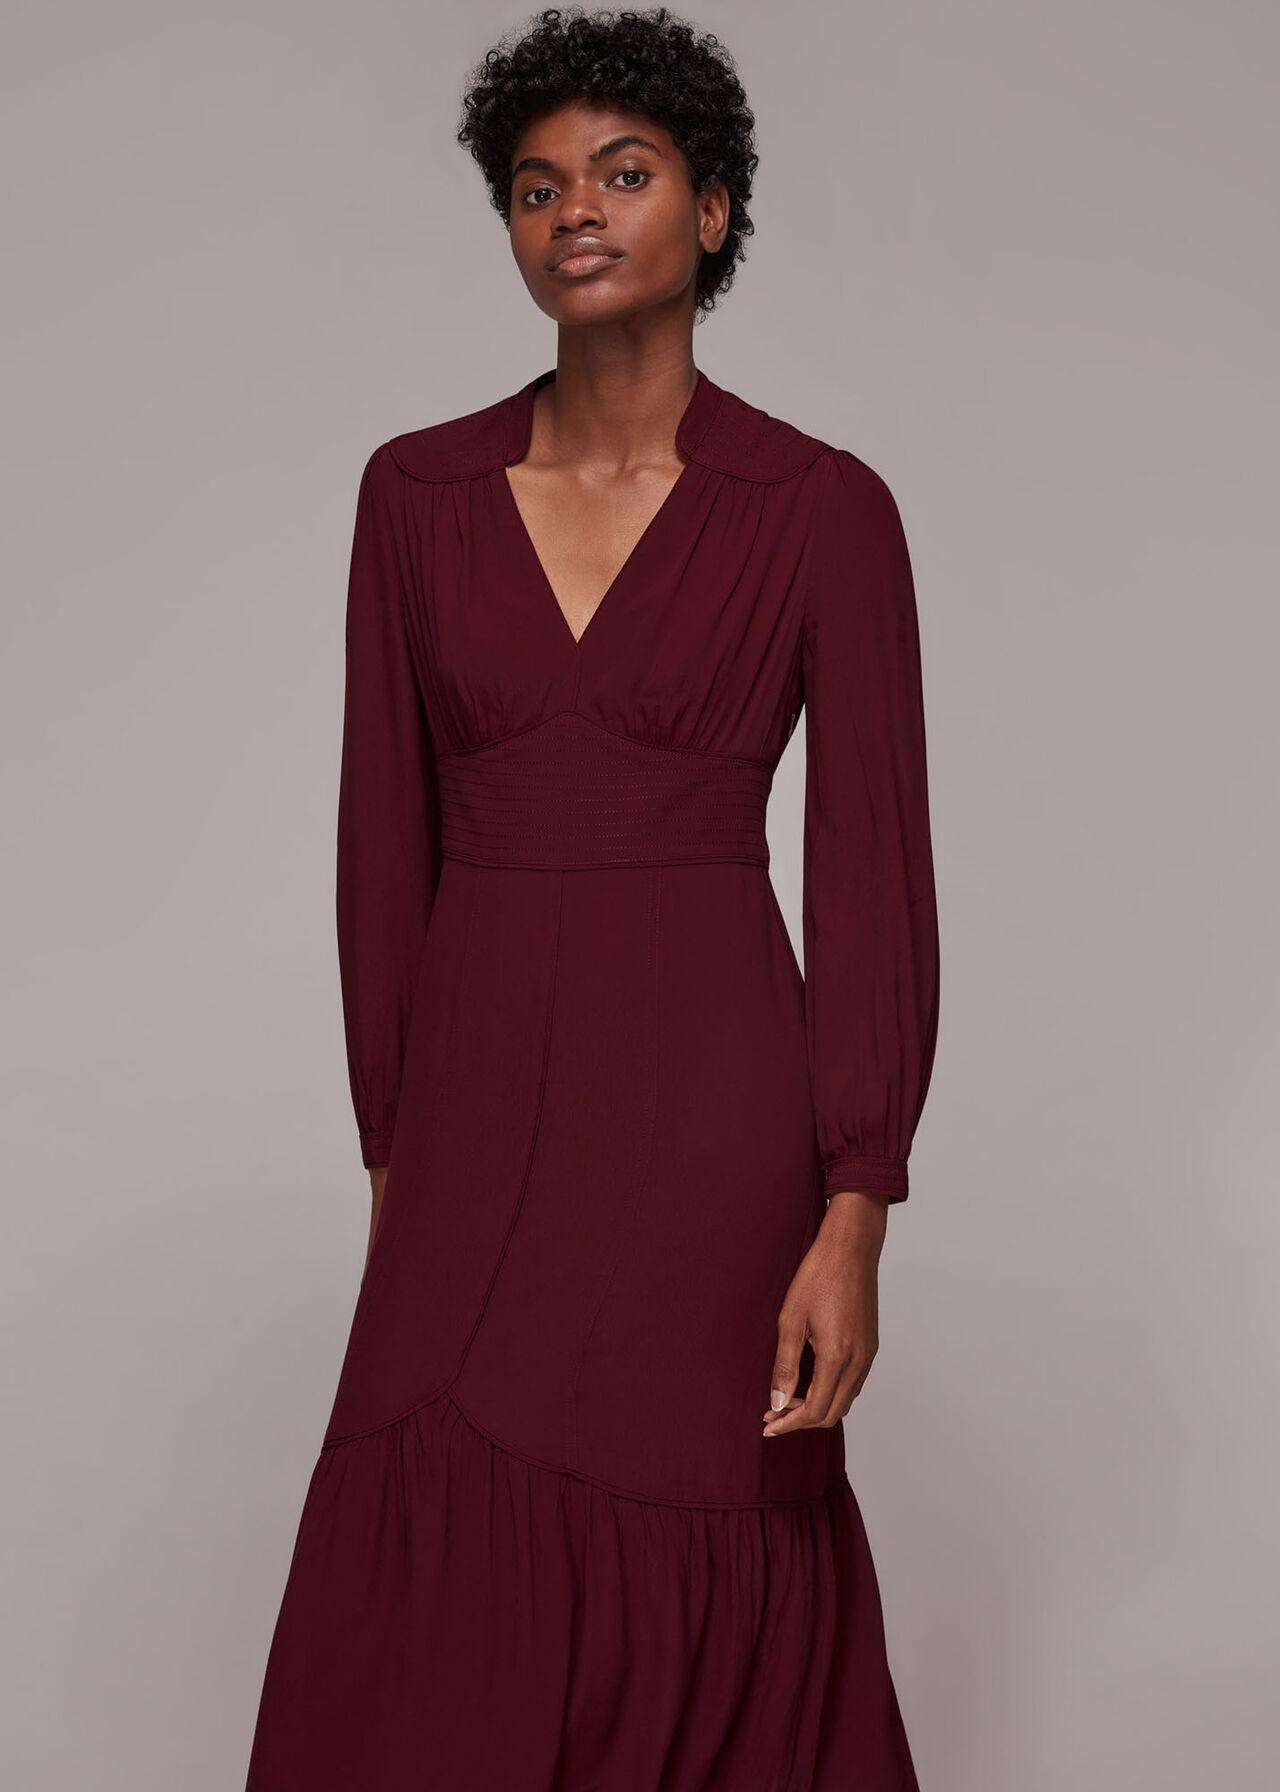 Topstitch Detail Midi Dress